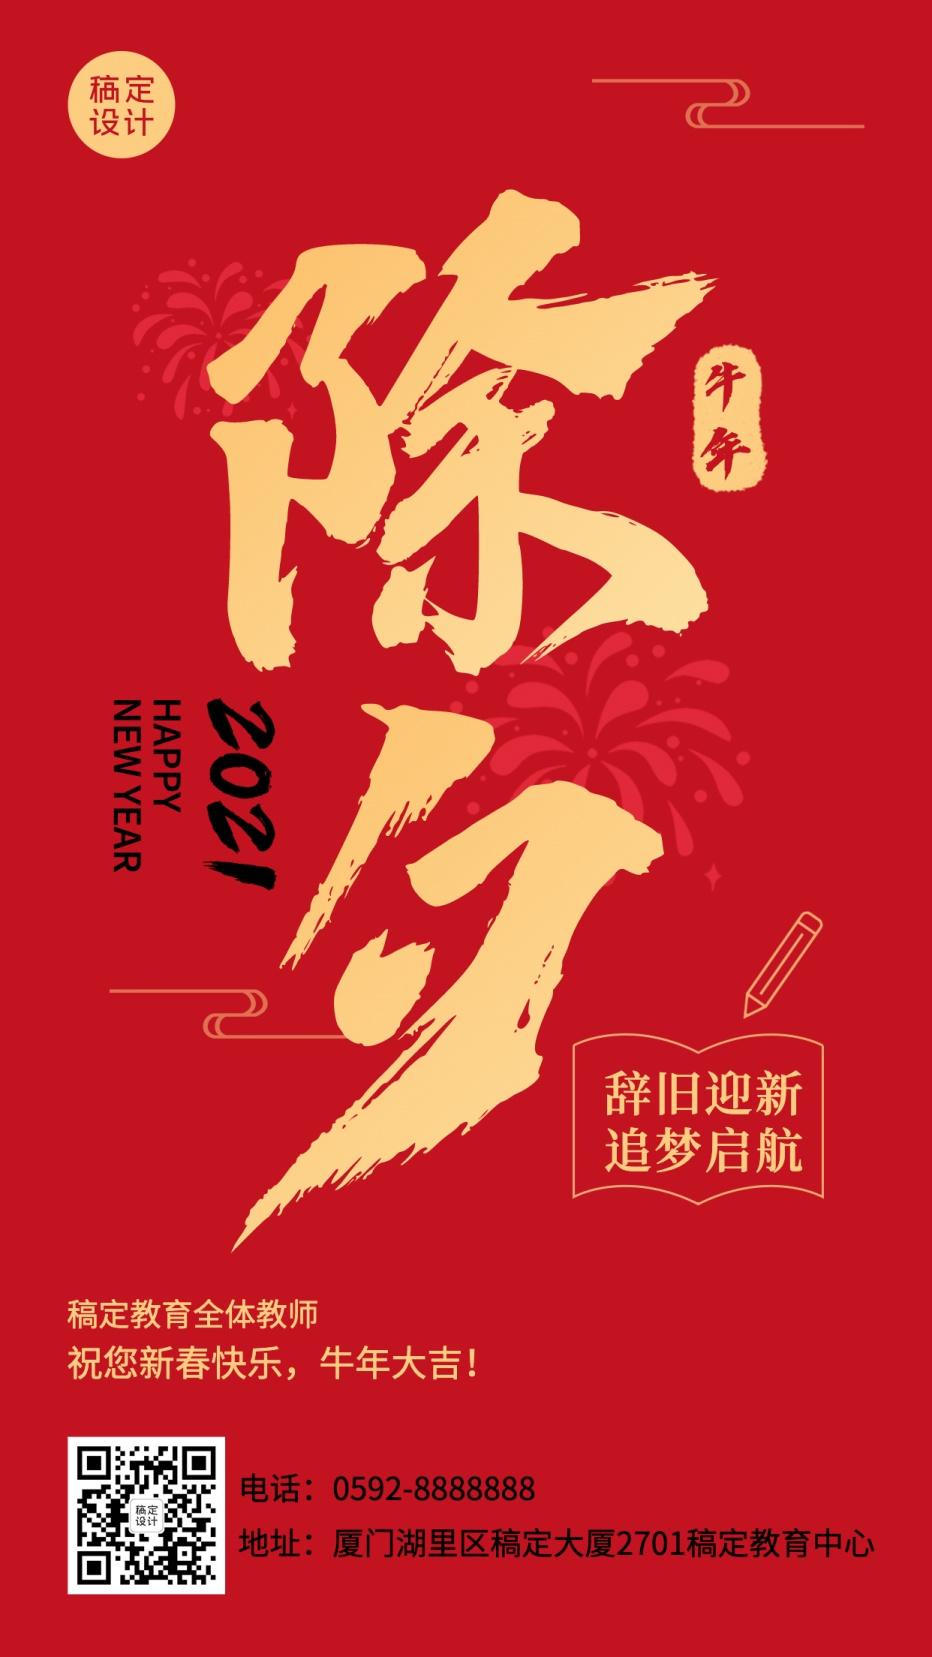 春节新年除夕祝福海报